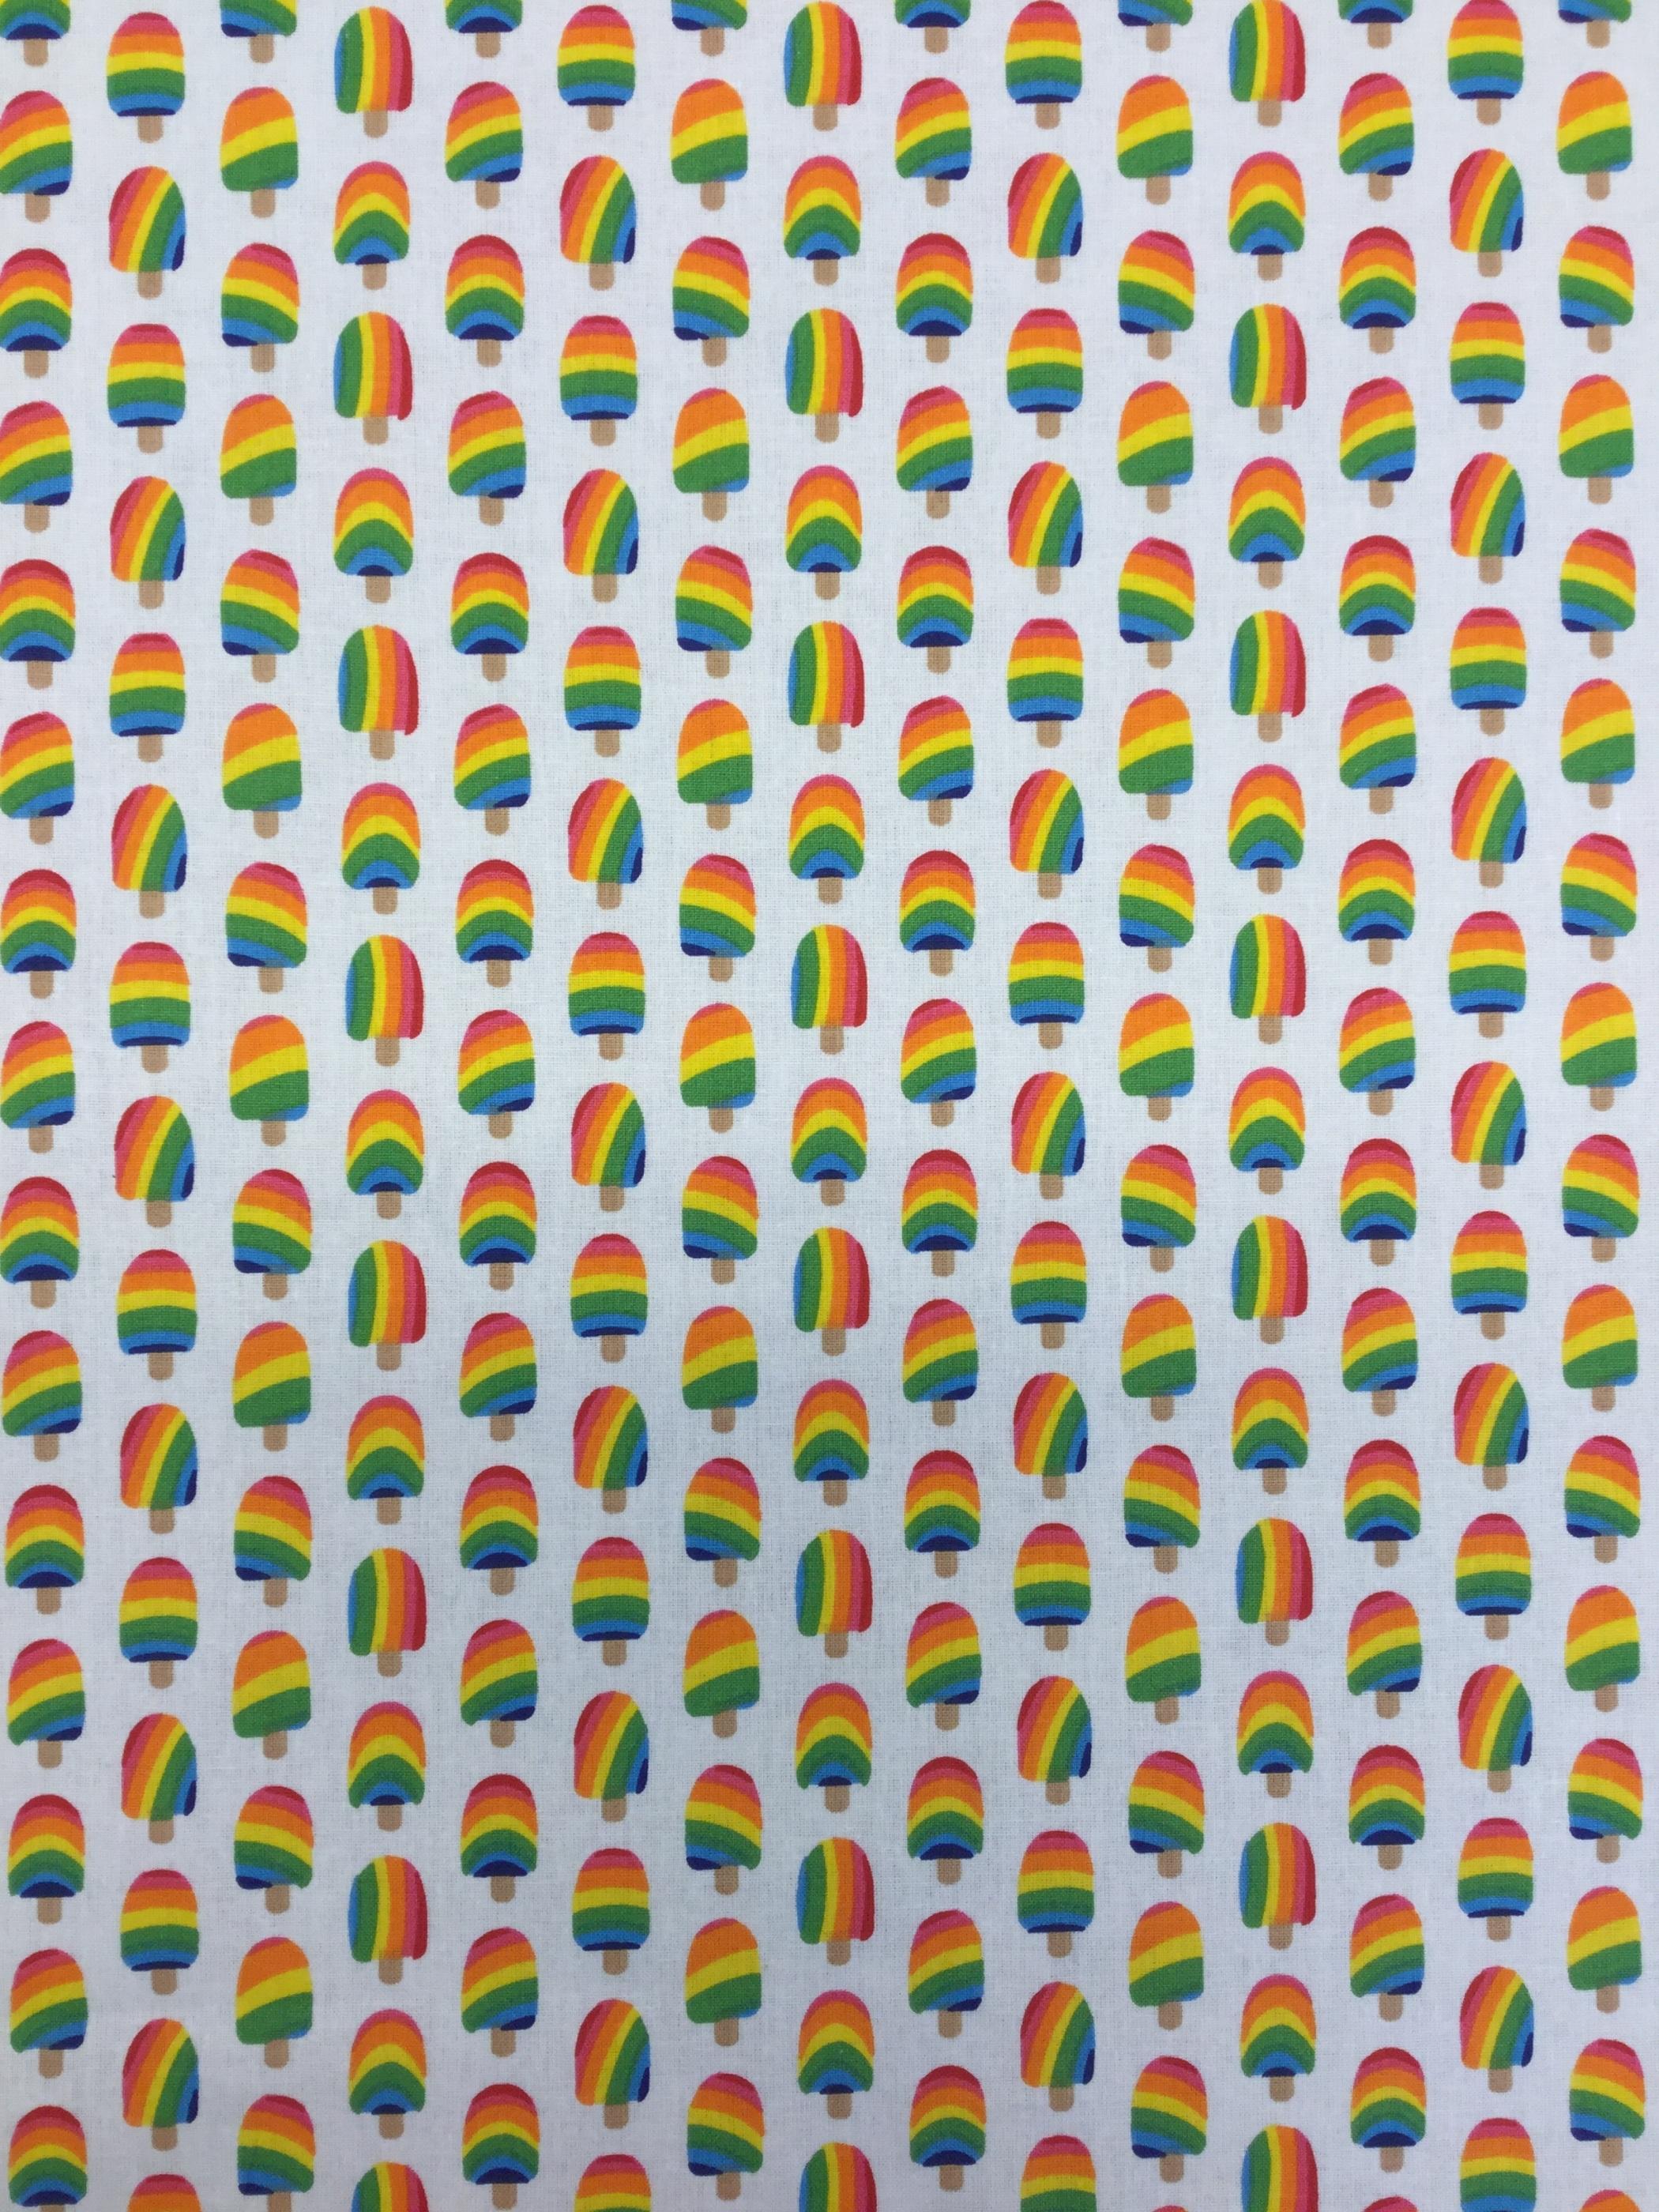 regnbåge glass regnbågsglassar tyg vävt bomull Tyglust